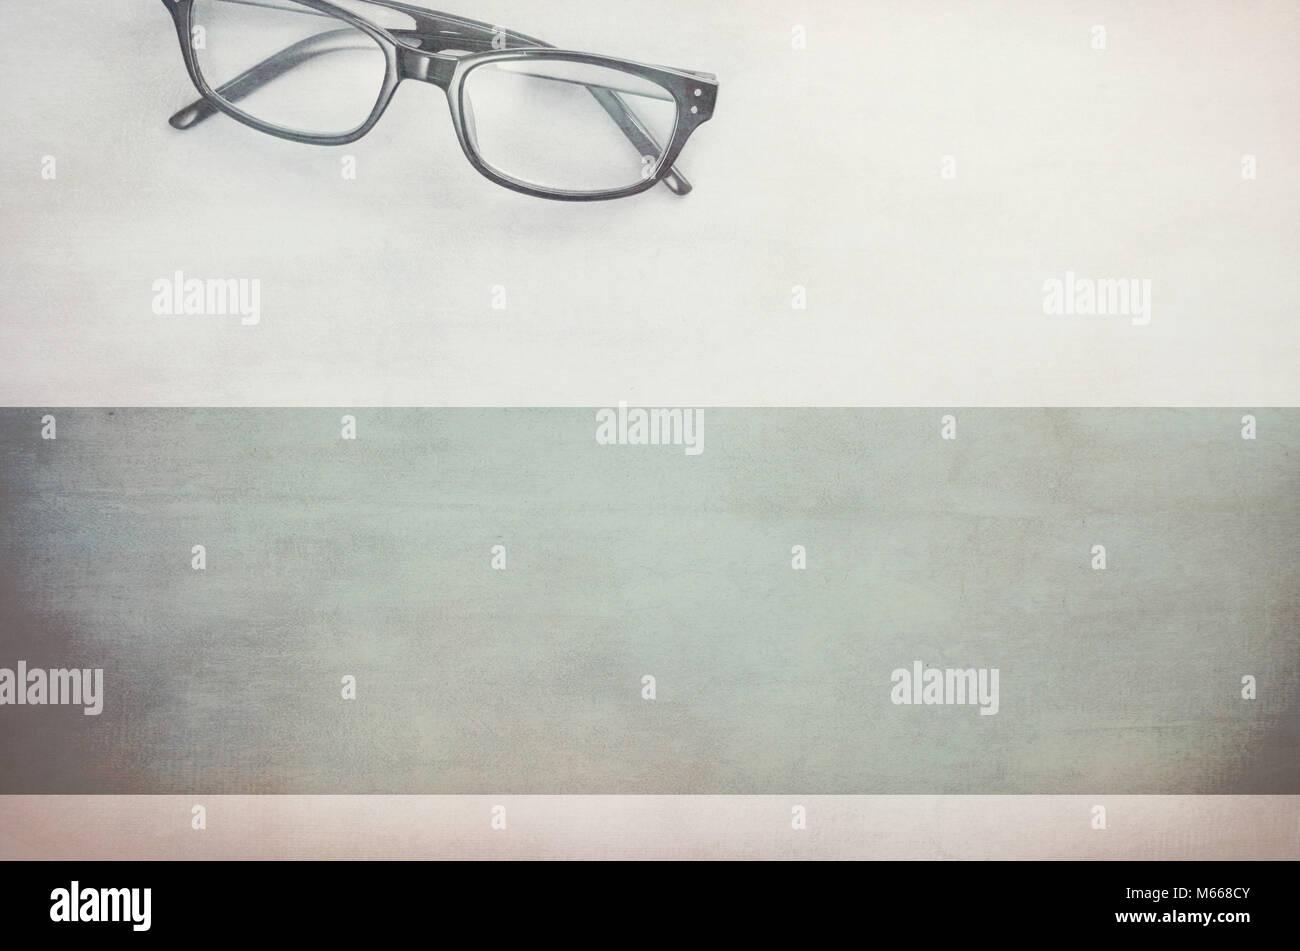 Paar gerahmte Brille auf einem leicht strukturierte Oberfläche - direkt über Stockbild